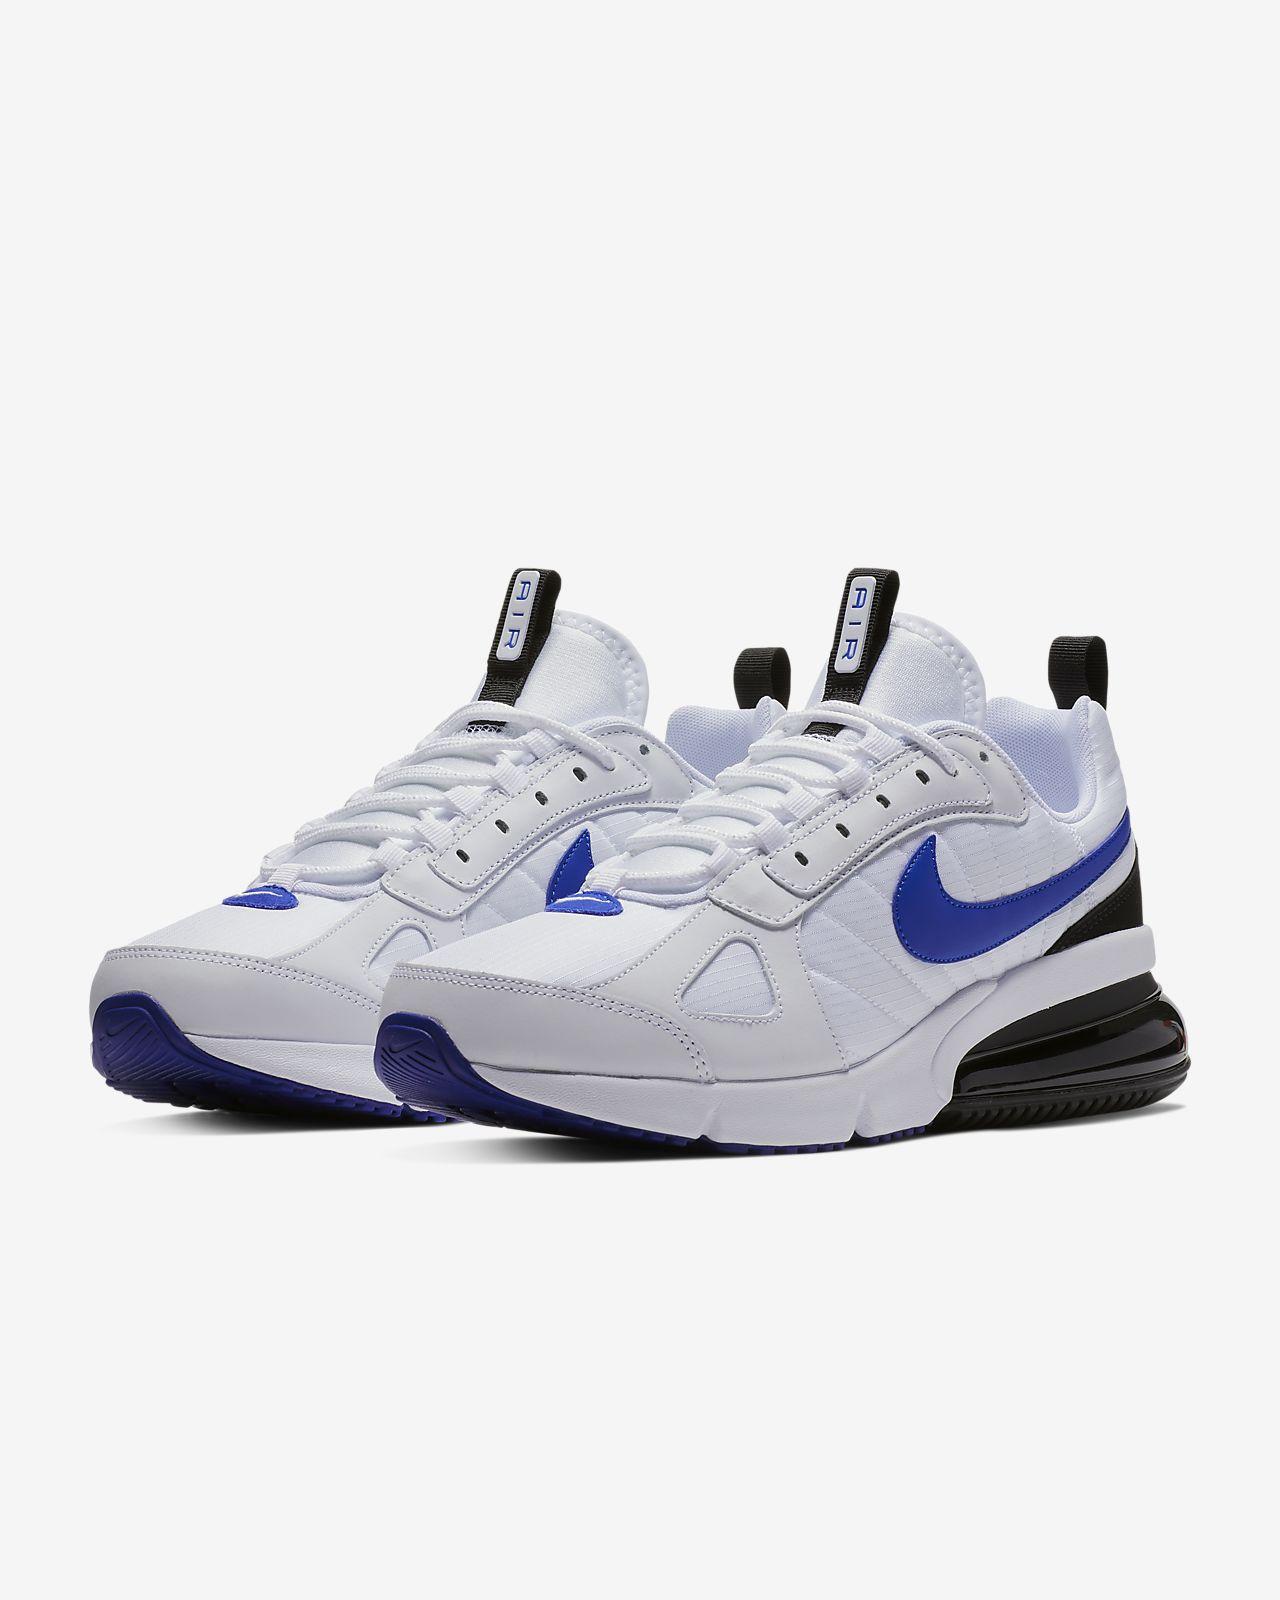 9b60d1a71 Chaussure Nike Air Max 270 Futura pour Homme